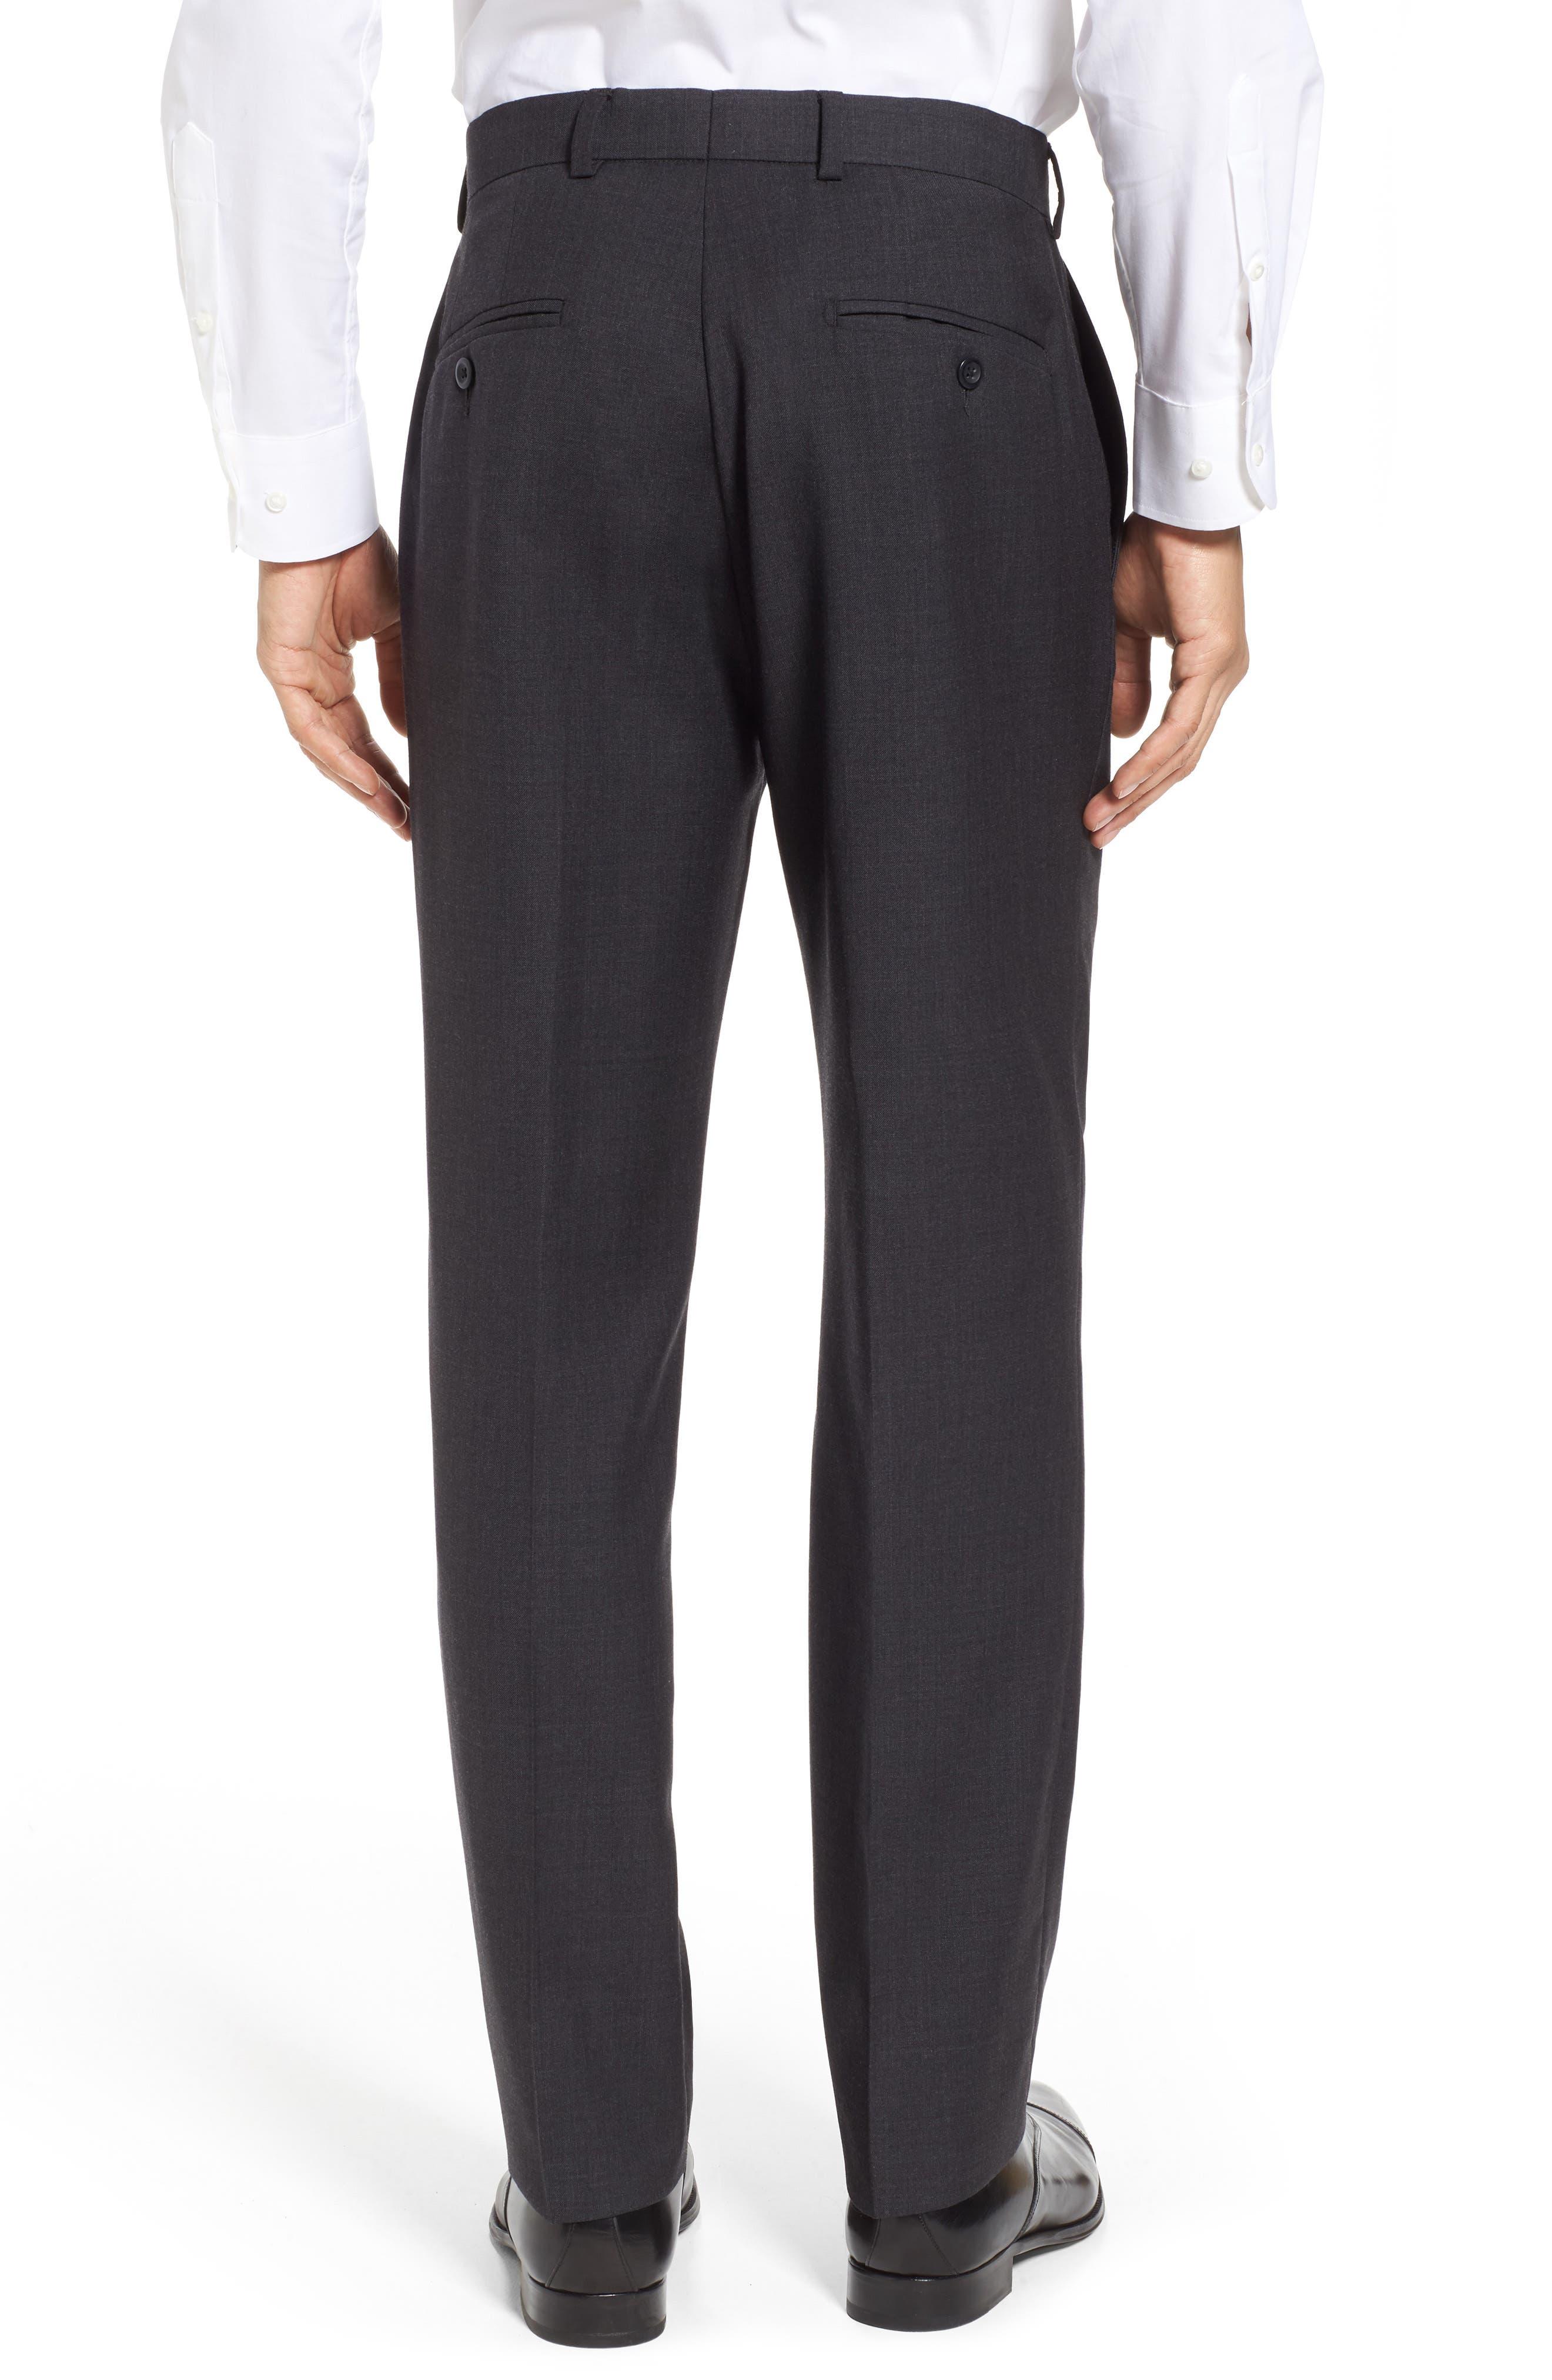 Gab Trim Fit Flat Front Pants,                             Alternate thumbnail 3, color,                             002